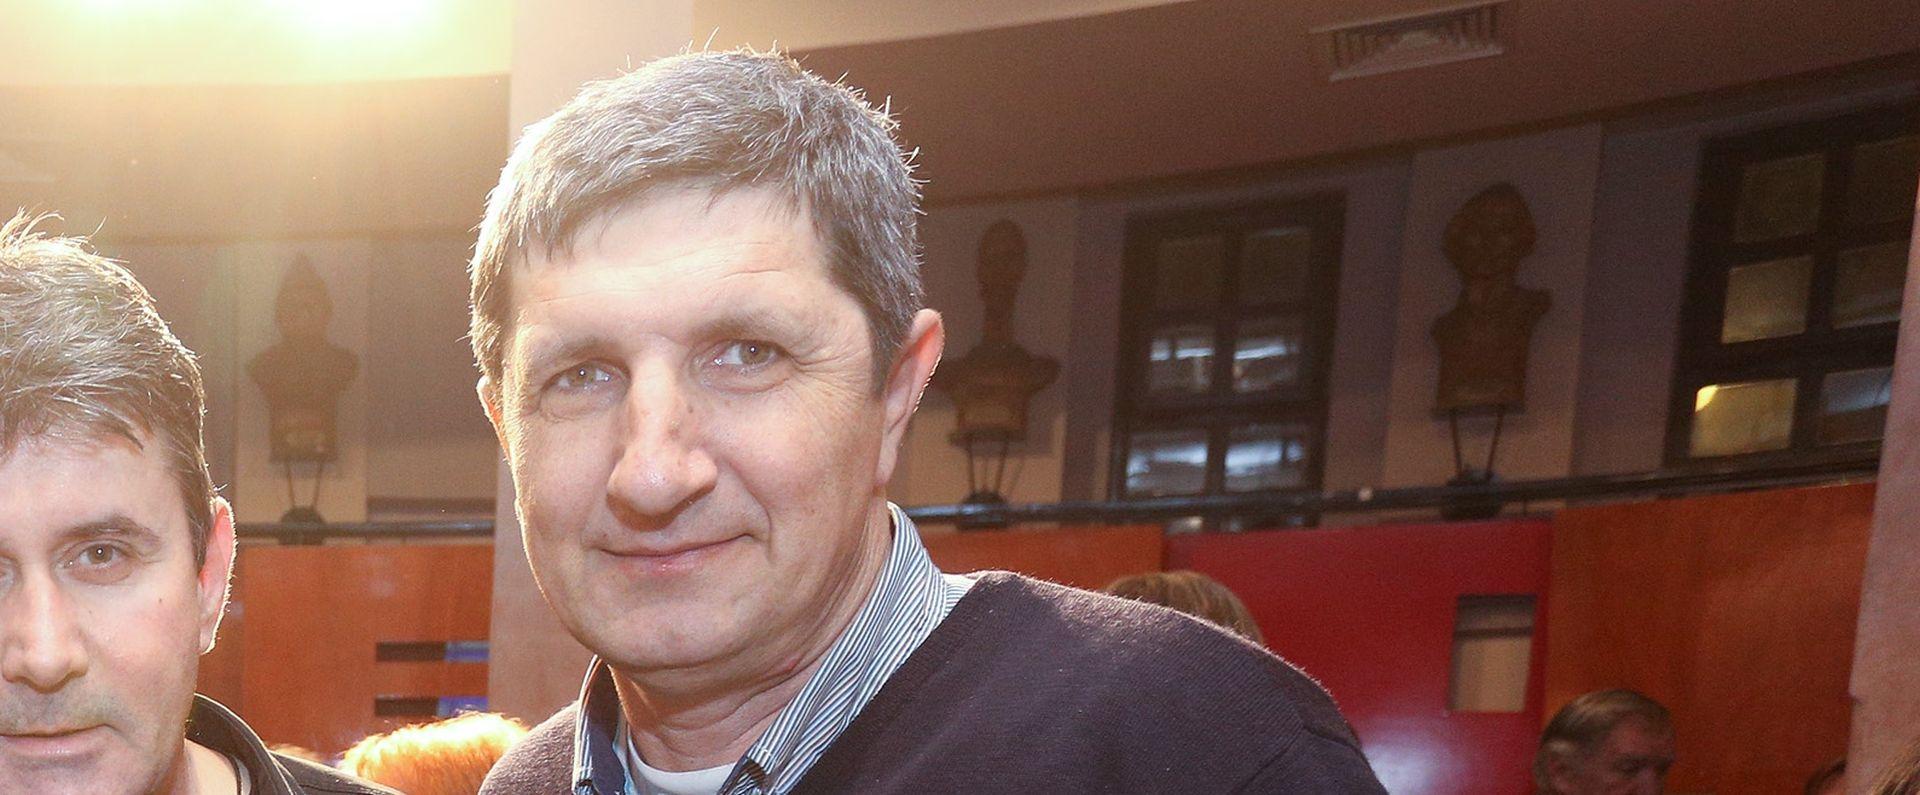 OSUDE 'OSUDE' MINISTARSTVA KULTURE Sramotno priopćenje o napadu na Antu Tomića